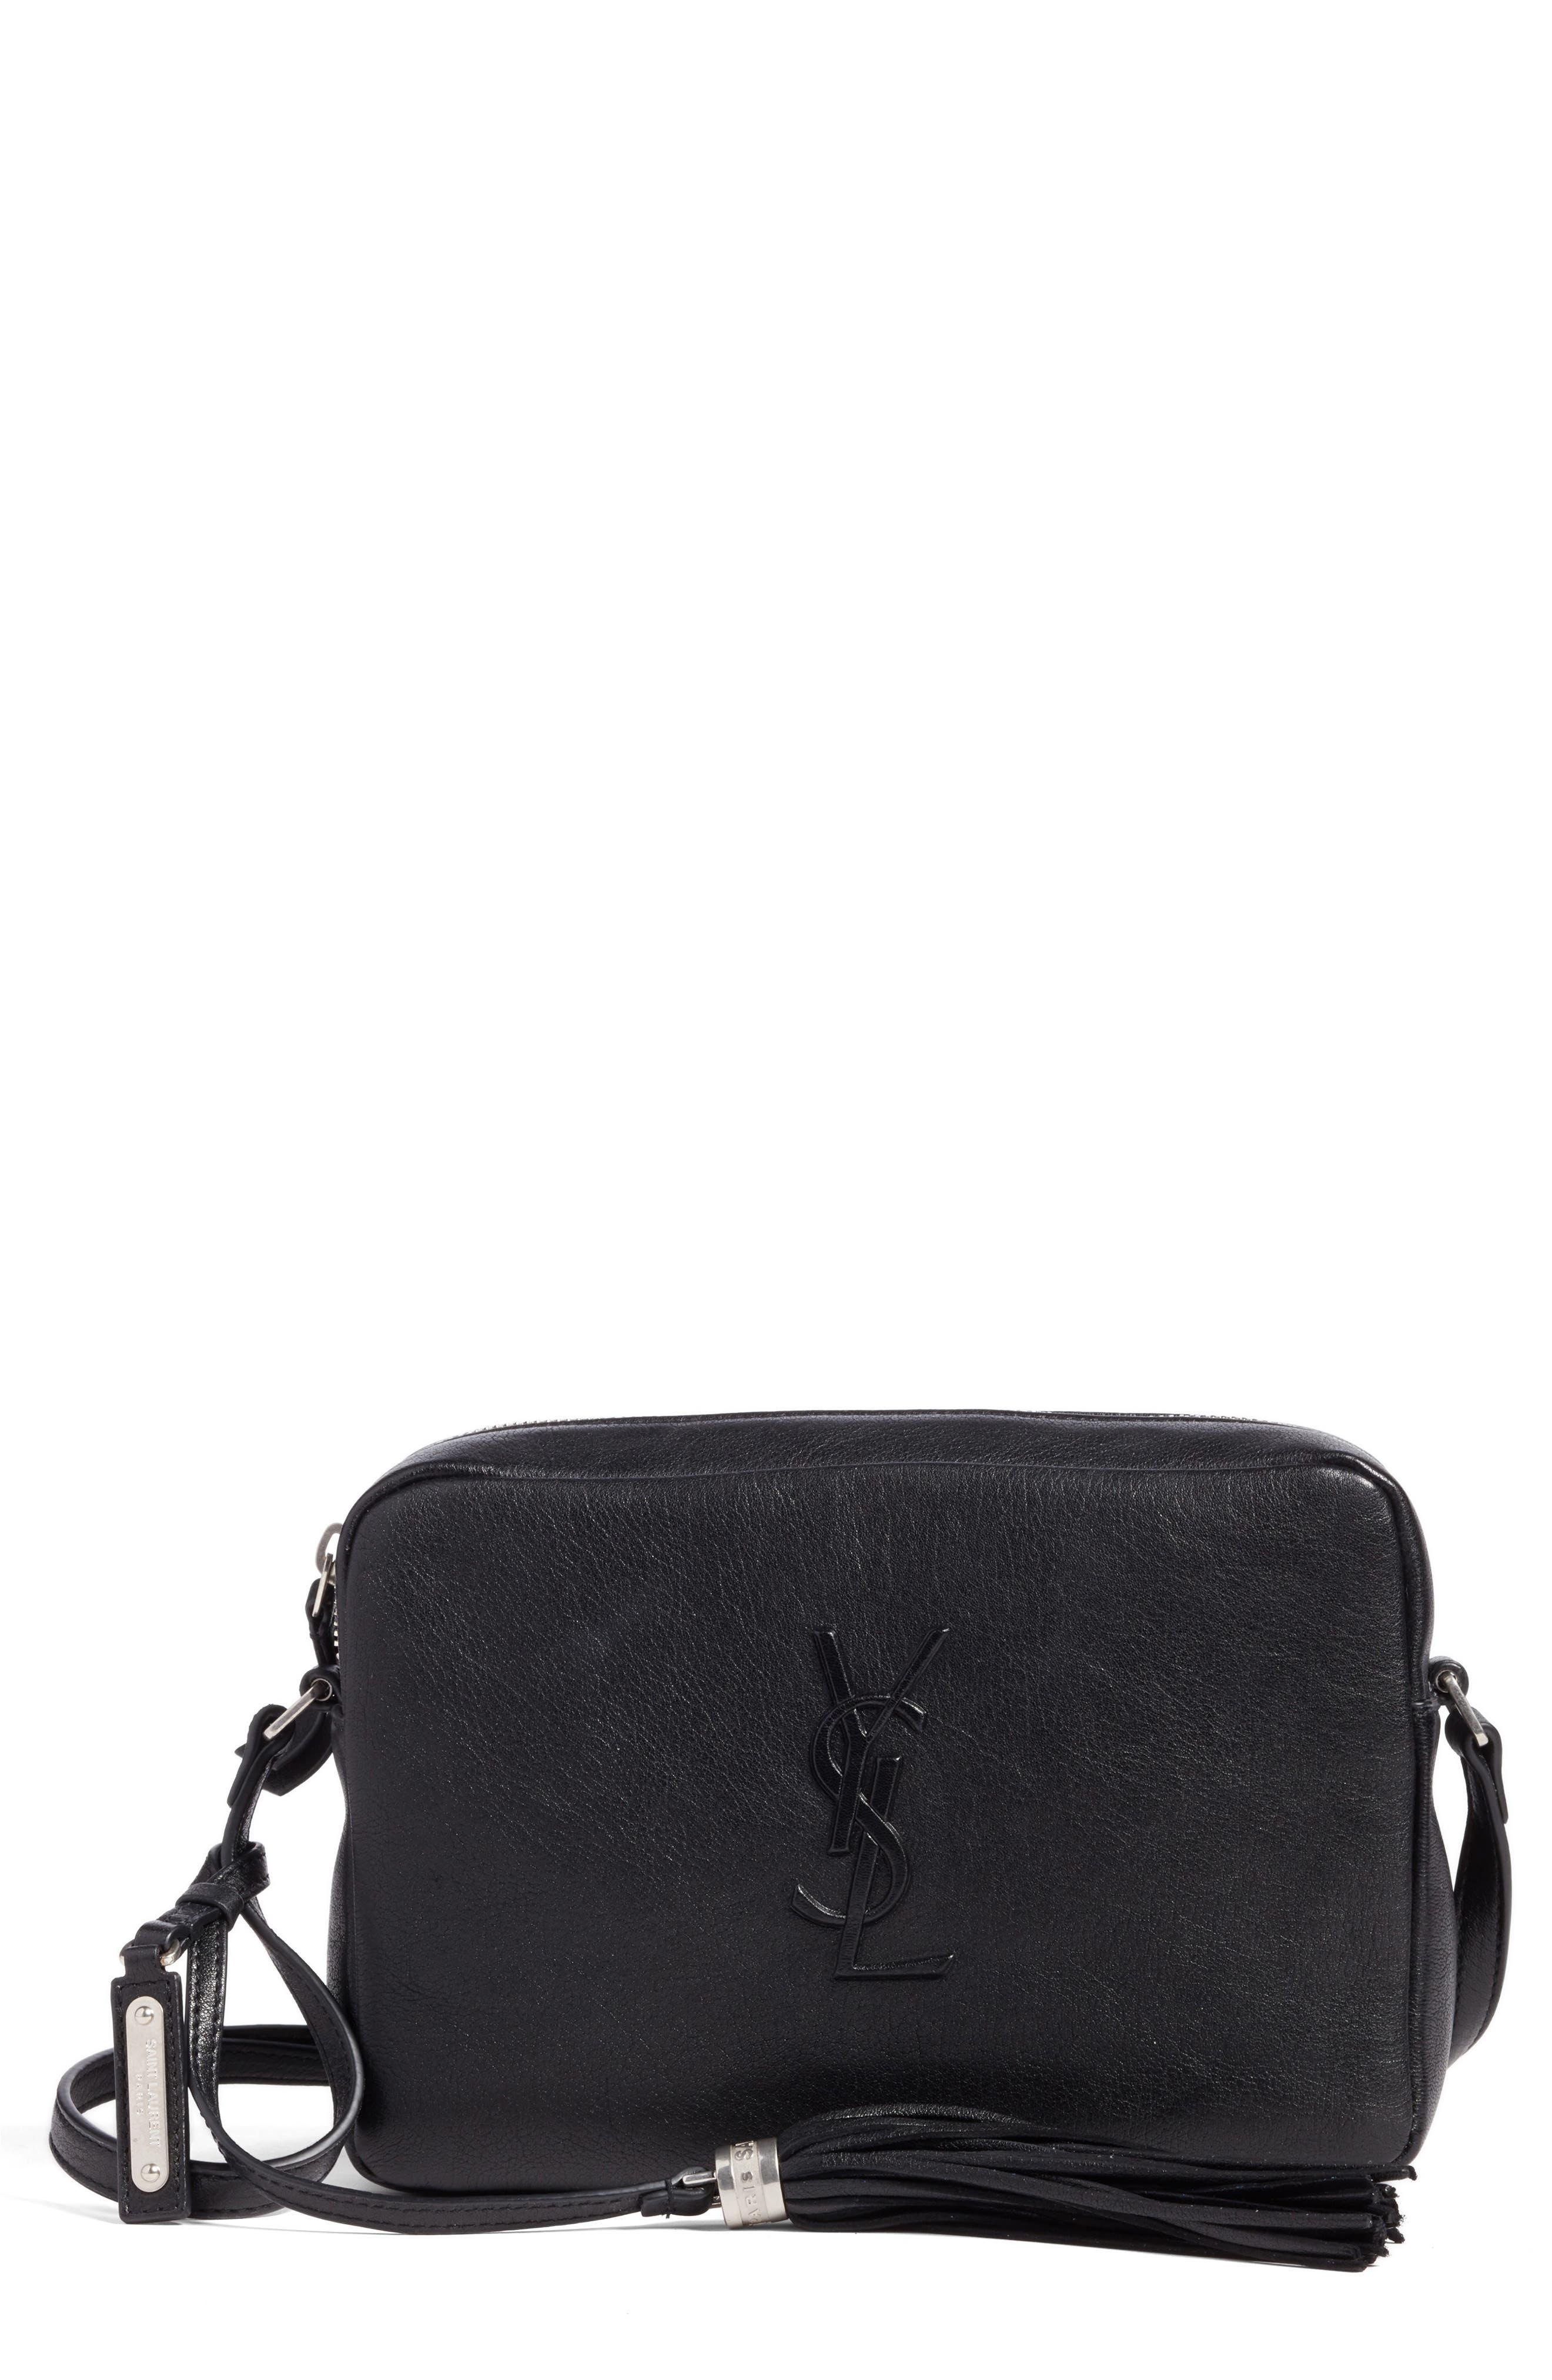 SAINT LAURENT Small Mono Leather Camera Bag, Main, color, NOIR